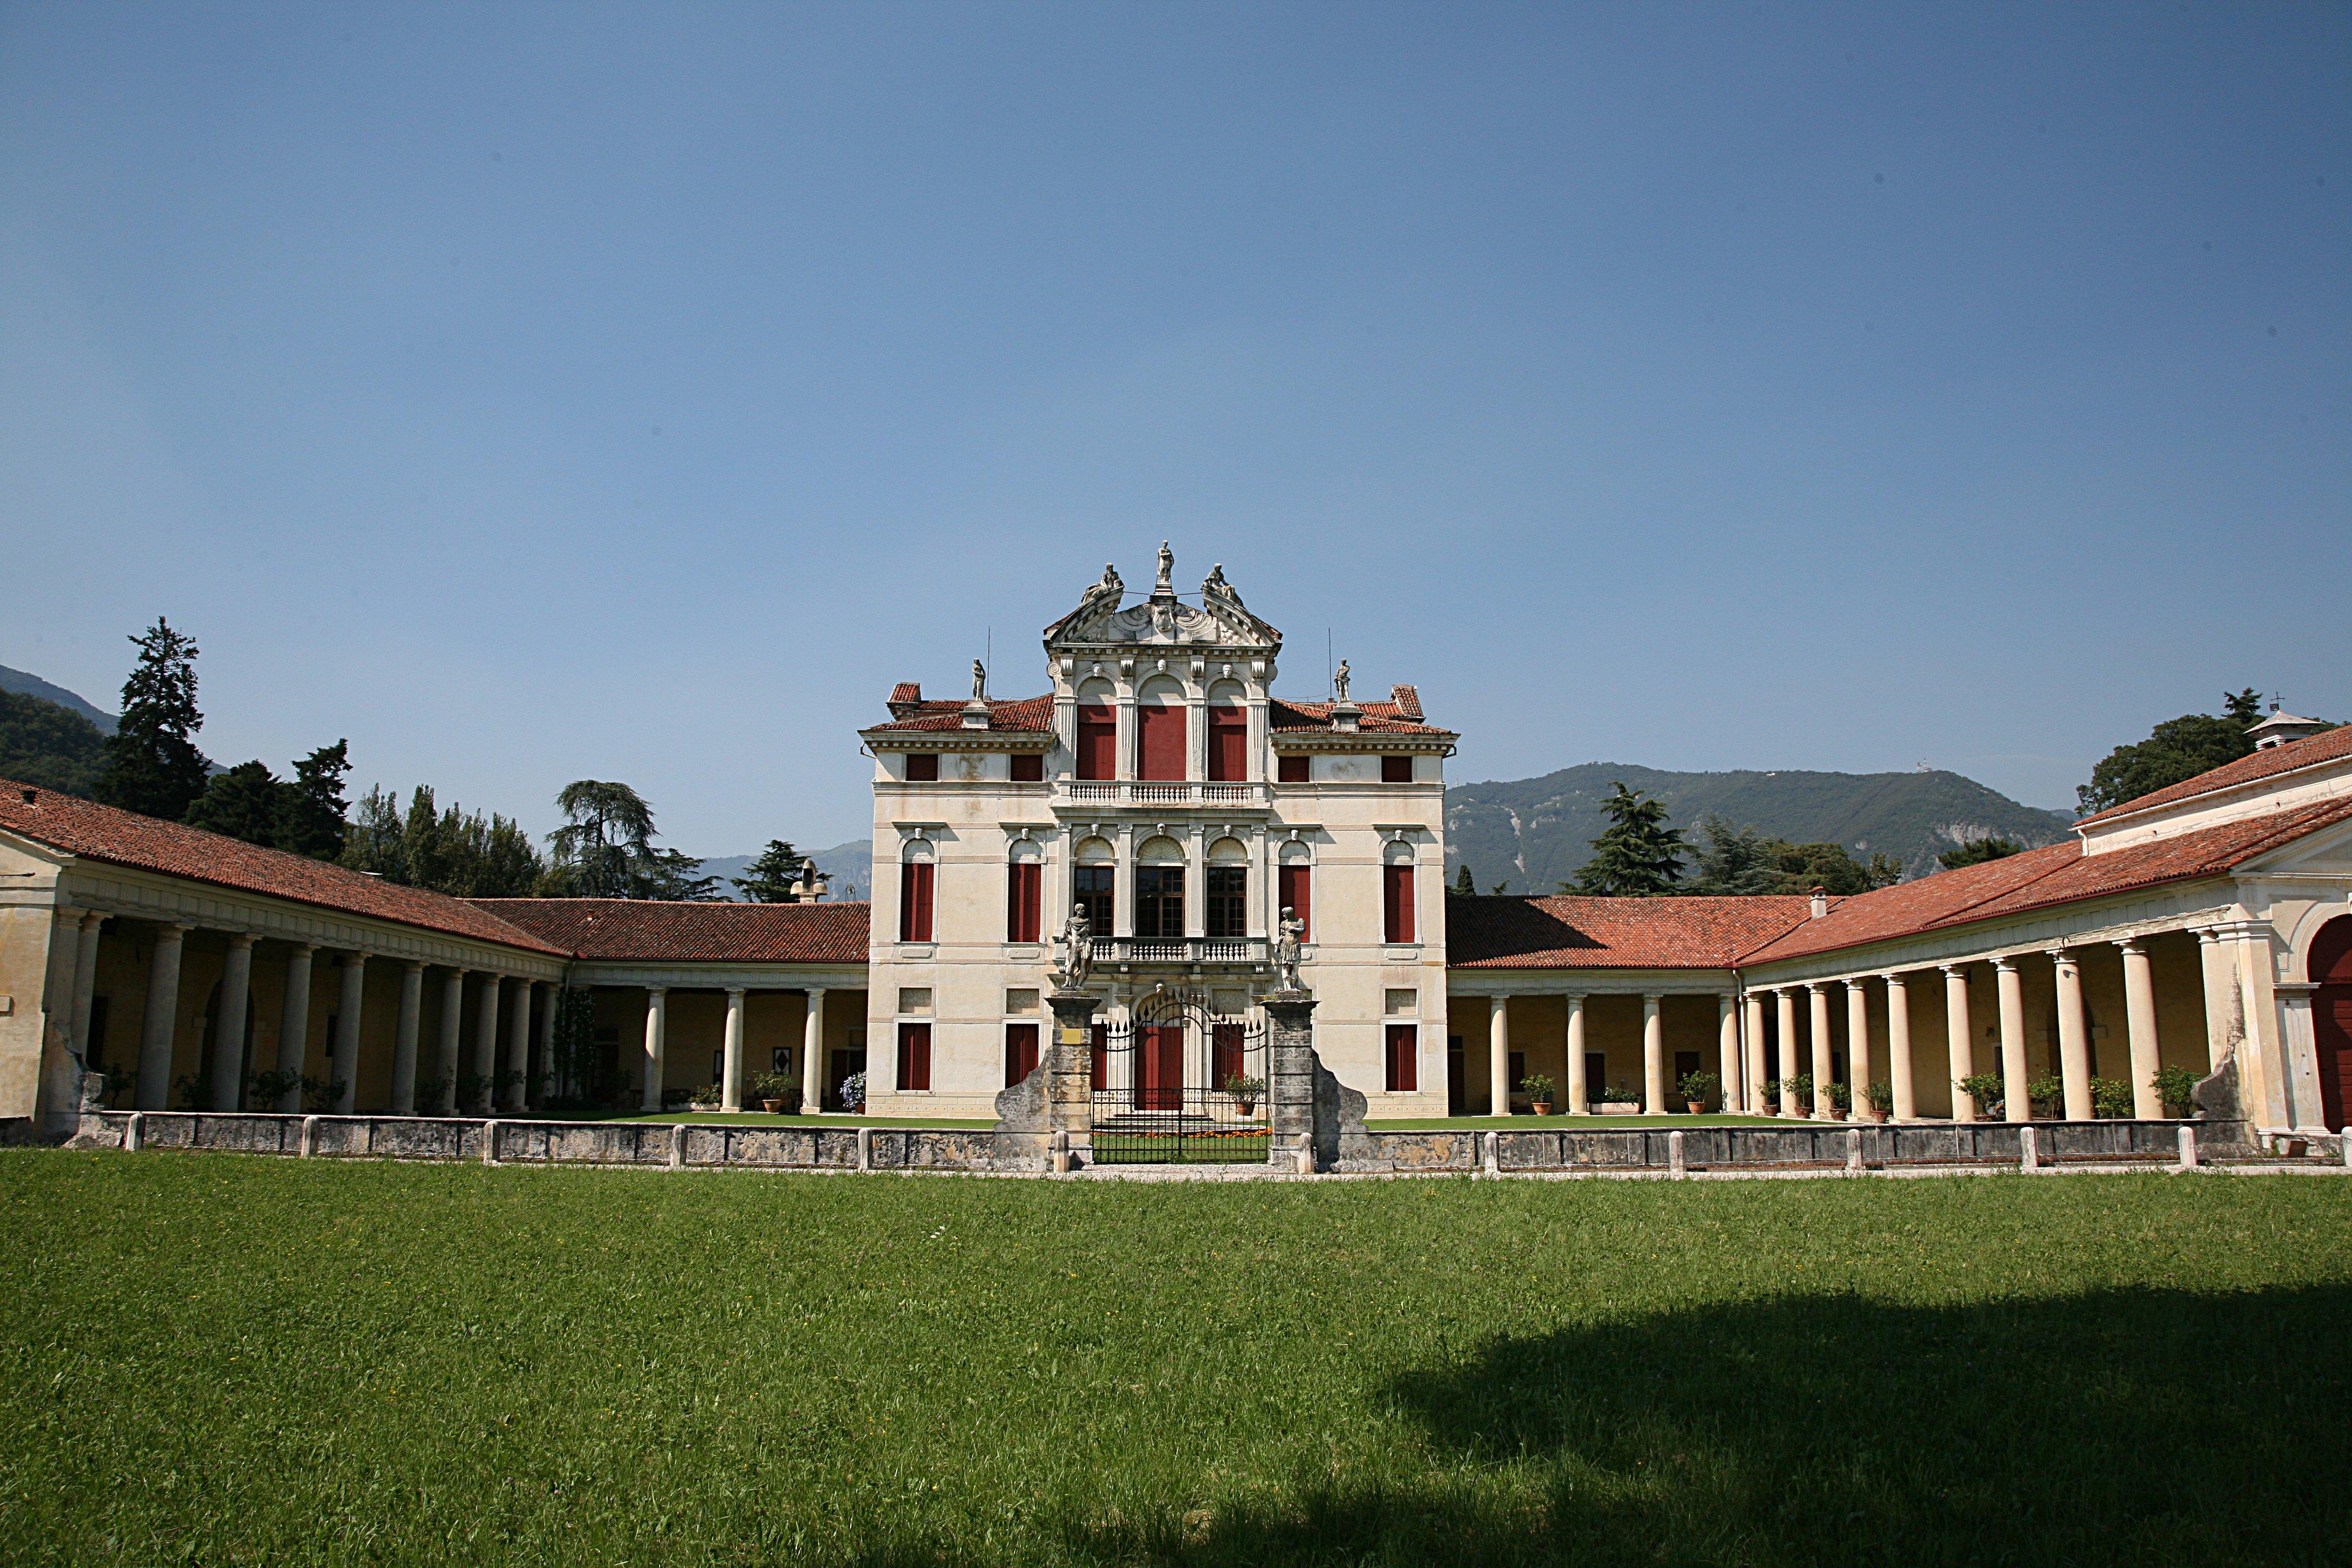 Architetto Bassano Del Grappa villa angarano - wikipedia